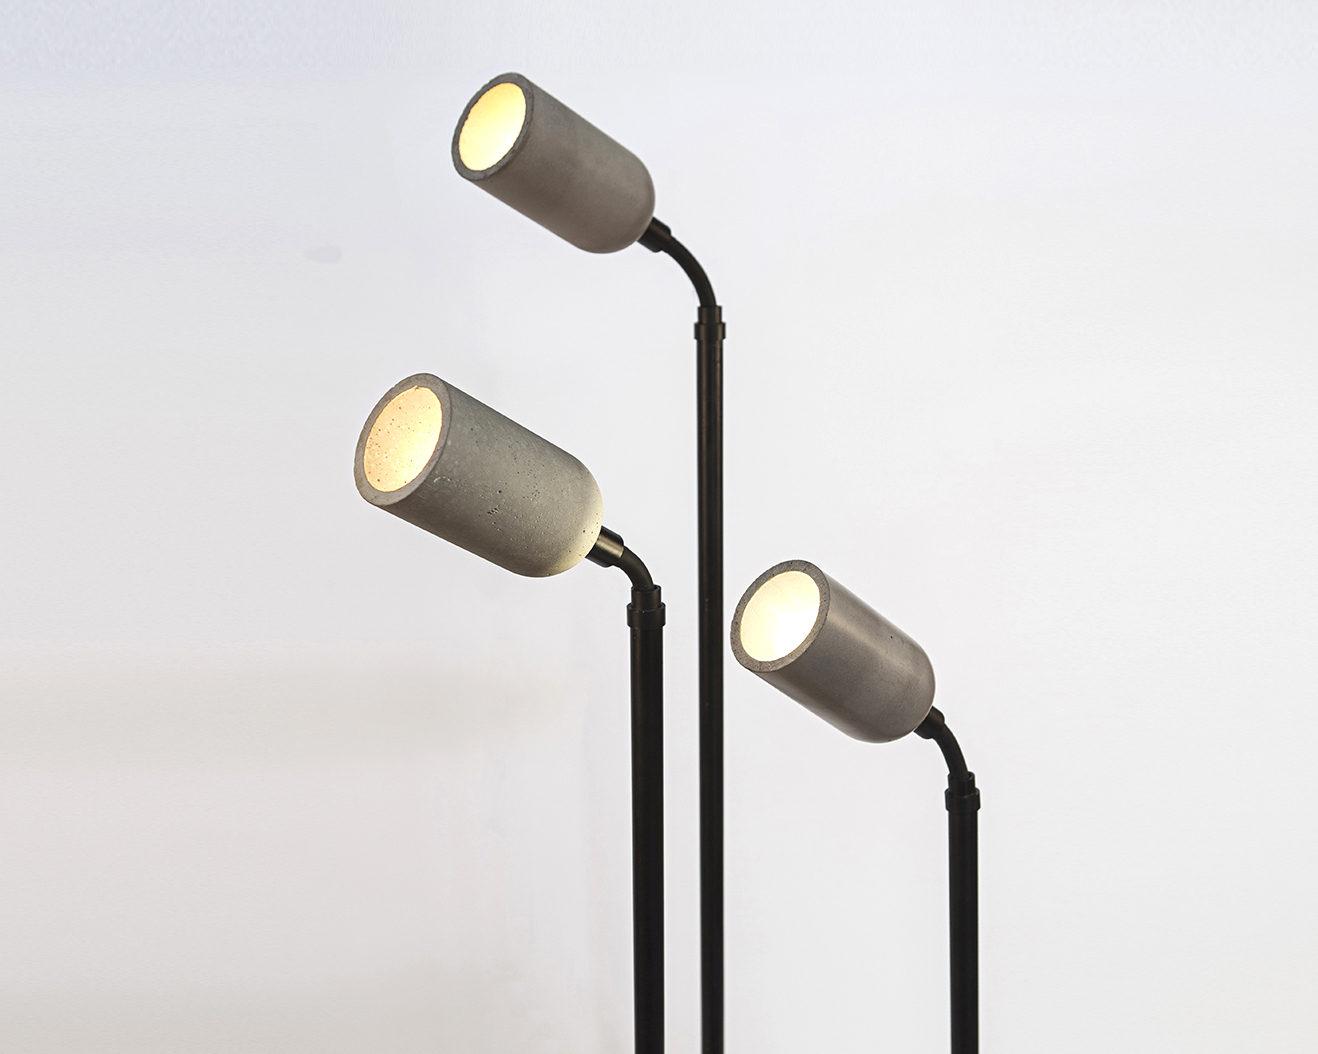 Zhan Floor lamp by Bentu Design 2